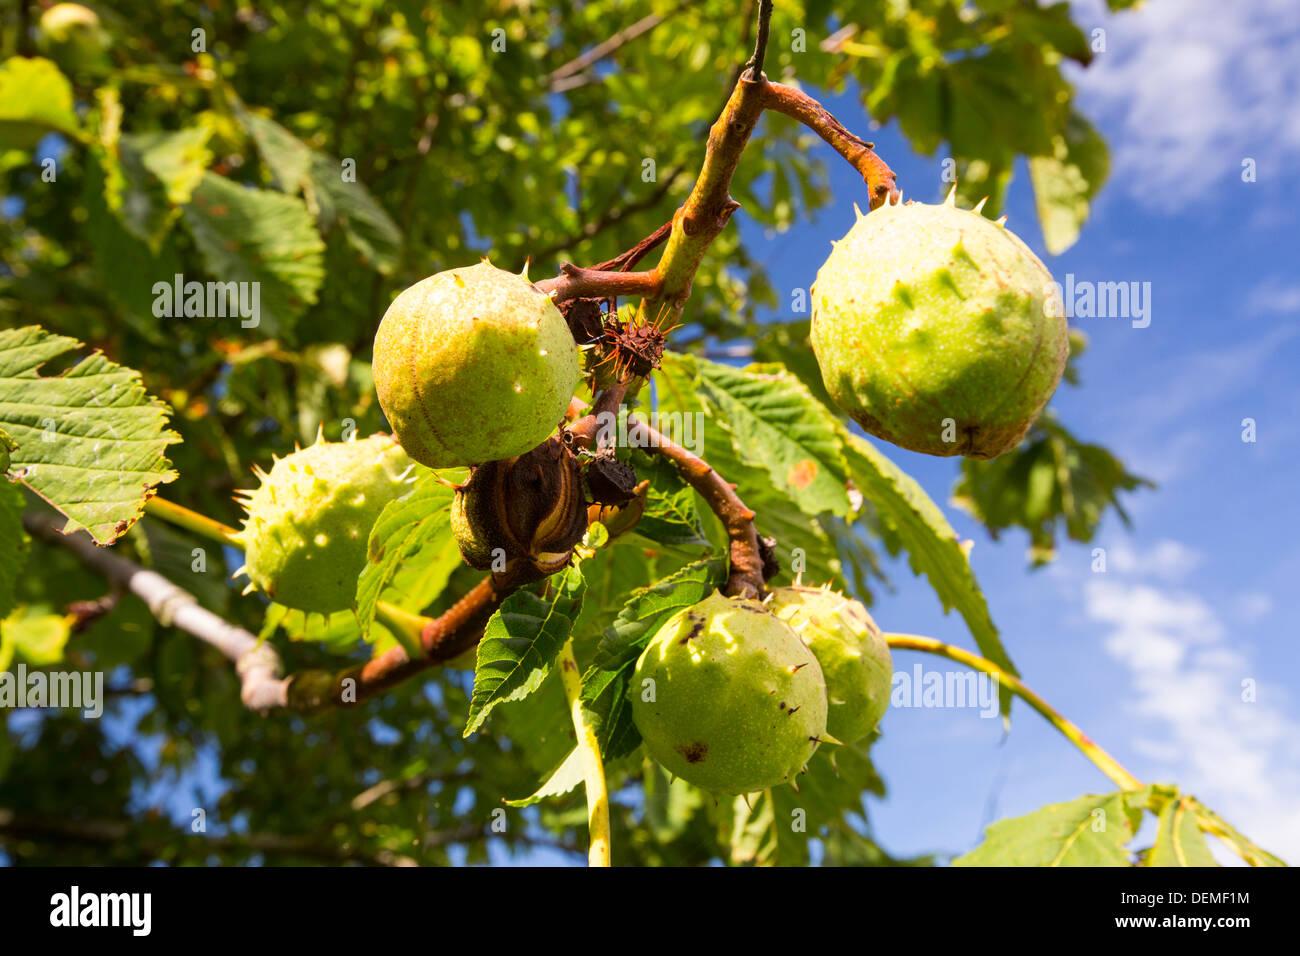 Horse Chestnuts on a Horse Chestnut tree, Vale of Evesham, UK. - Stock Image